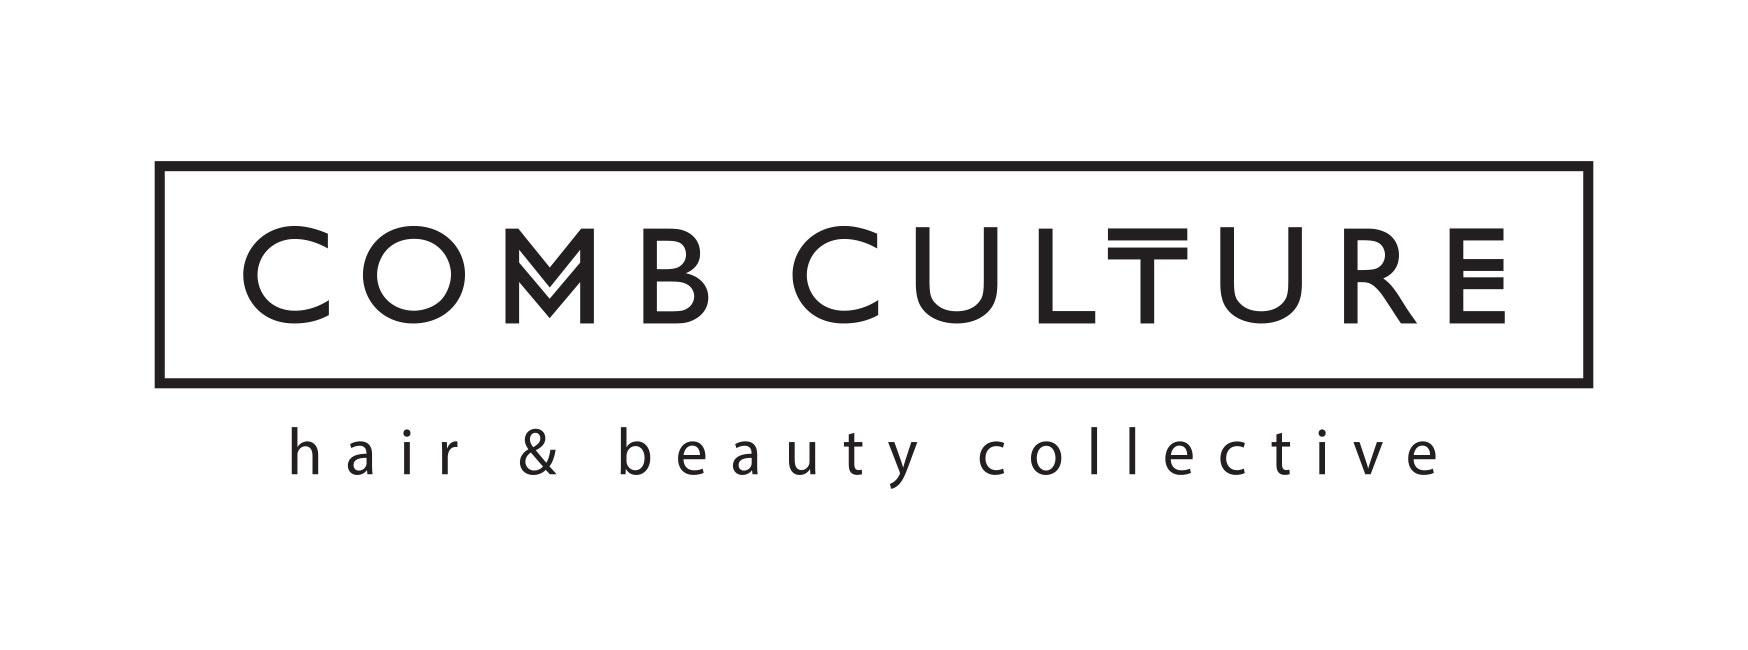 Comb Culture logo